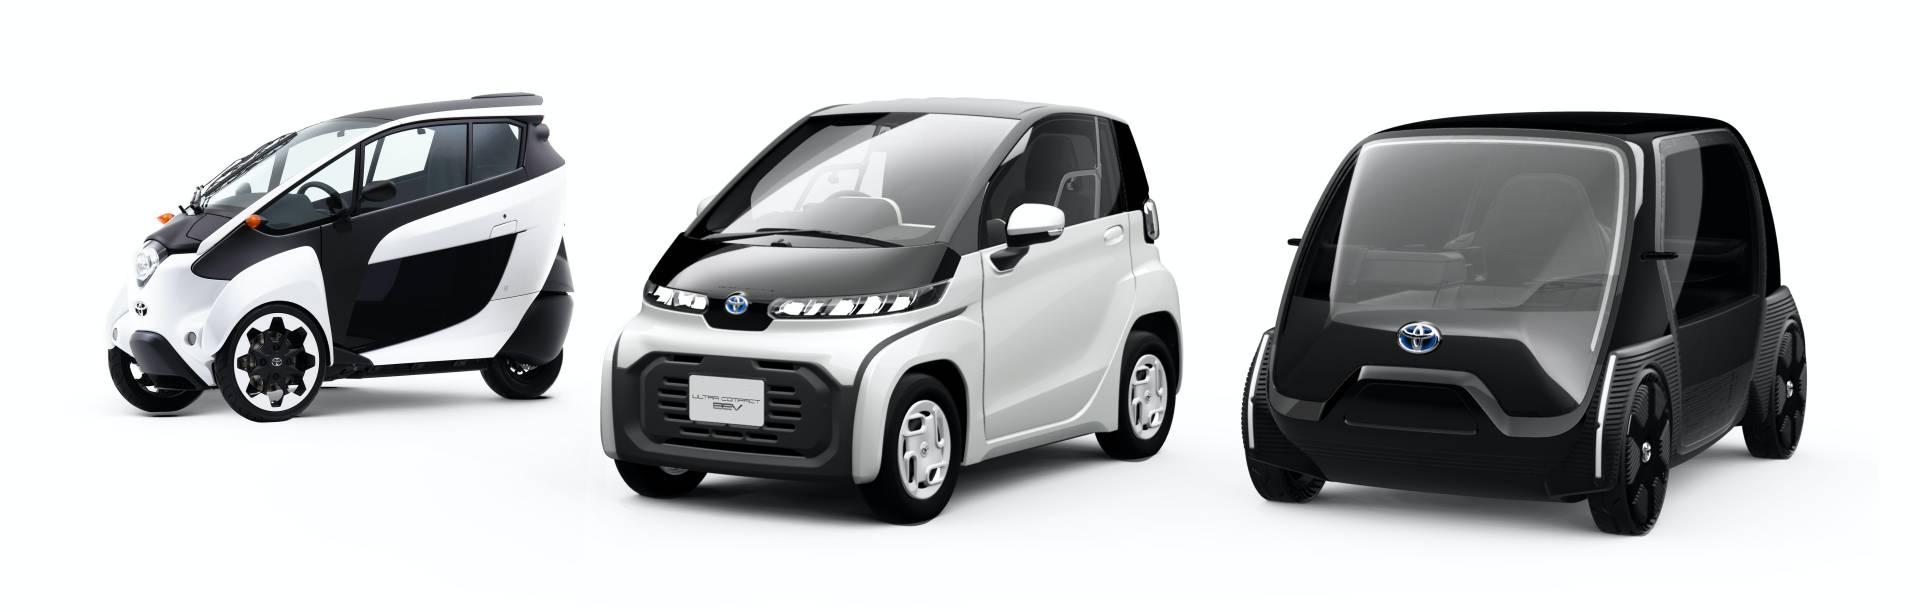 Toyota претстави електричен автомобил помал од Smart (ВИДЕО)